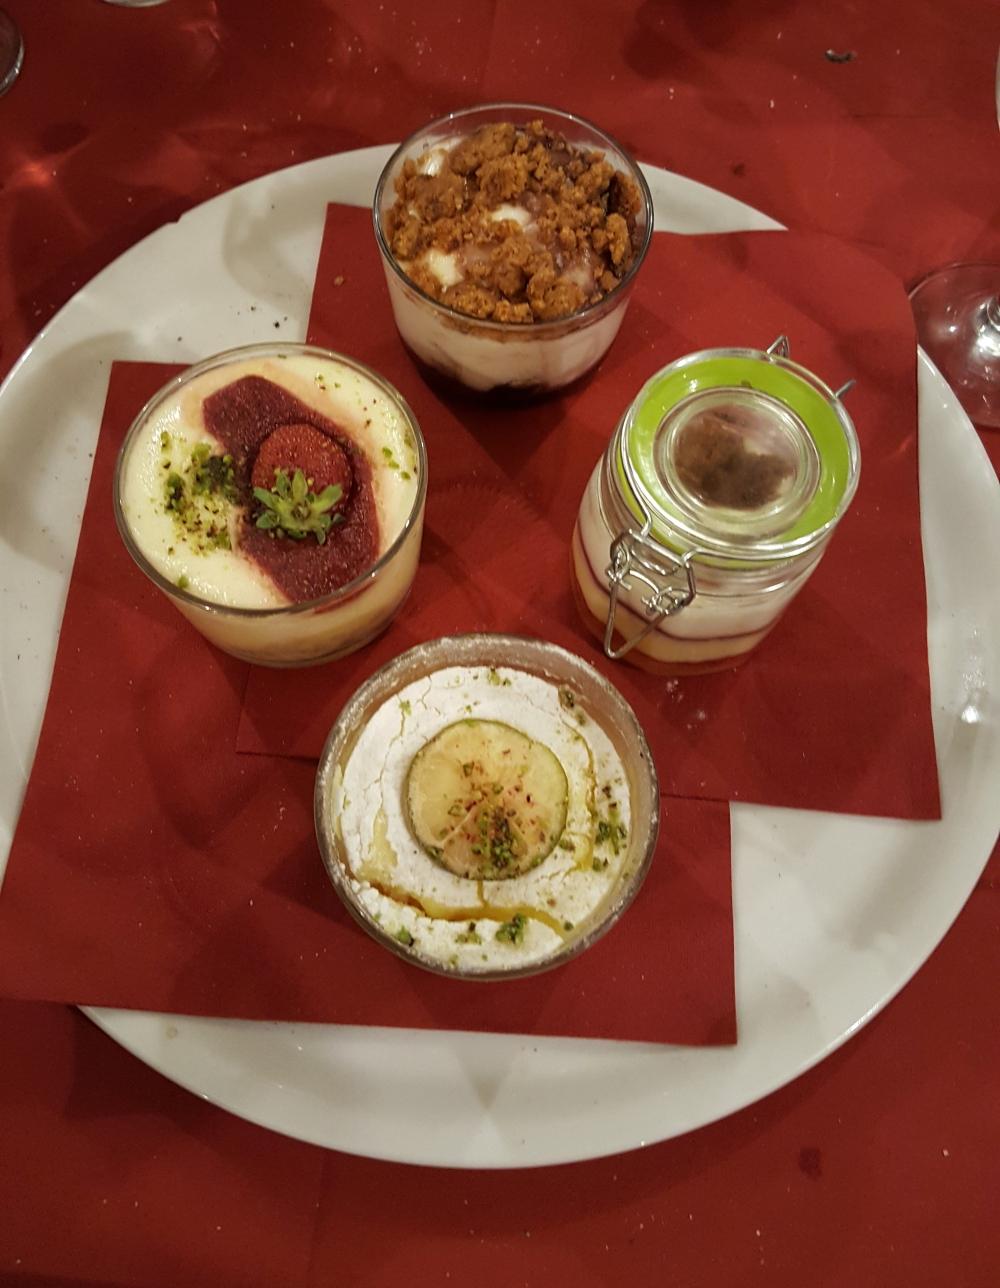 Dessert-Dolci-Ristorante Scialai-Ortigia-Siracusa-Sicilia